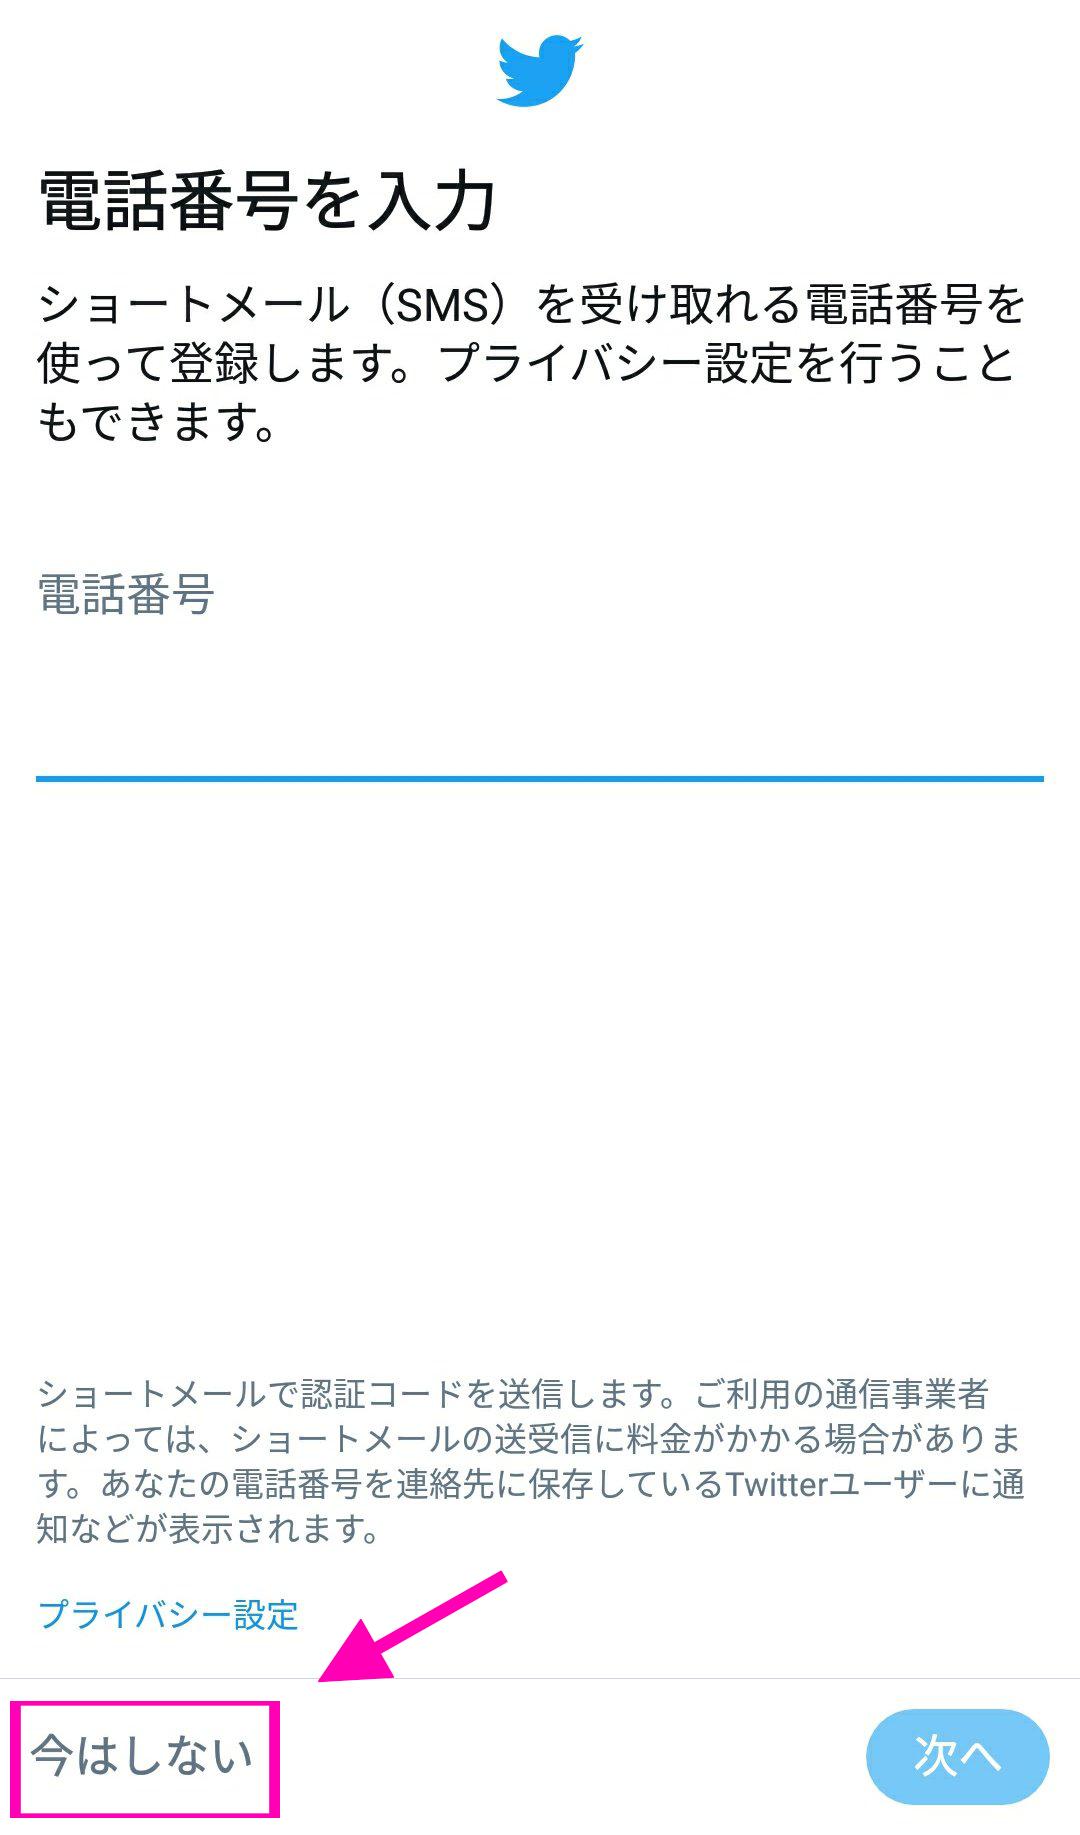 XyJ_l305